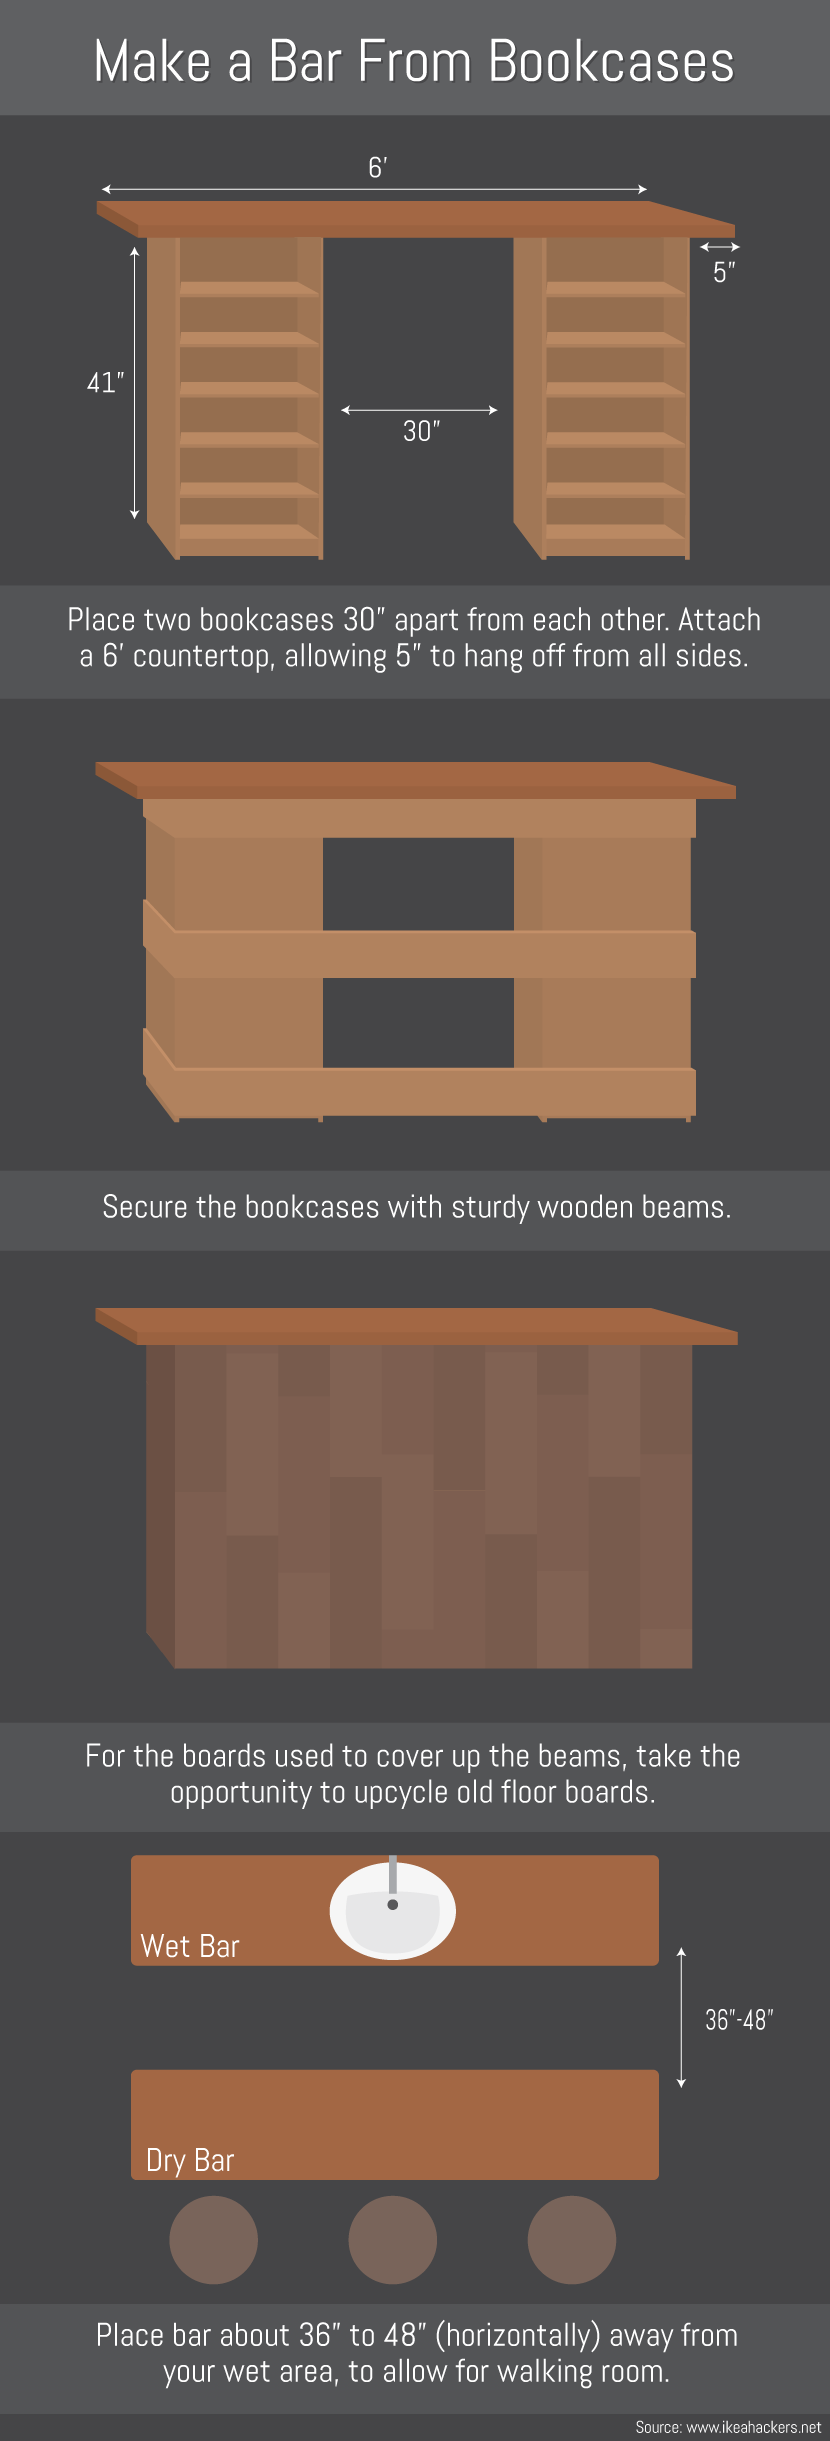 mancave-bookcase-bar